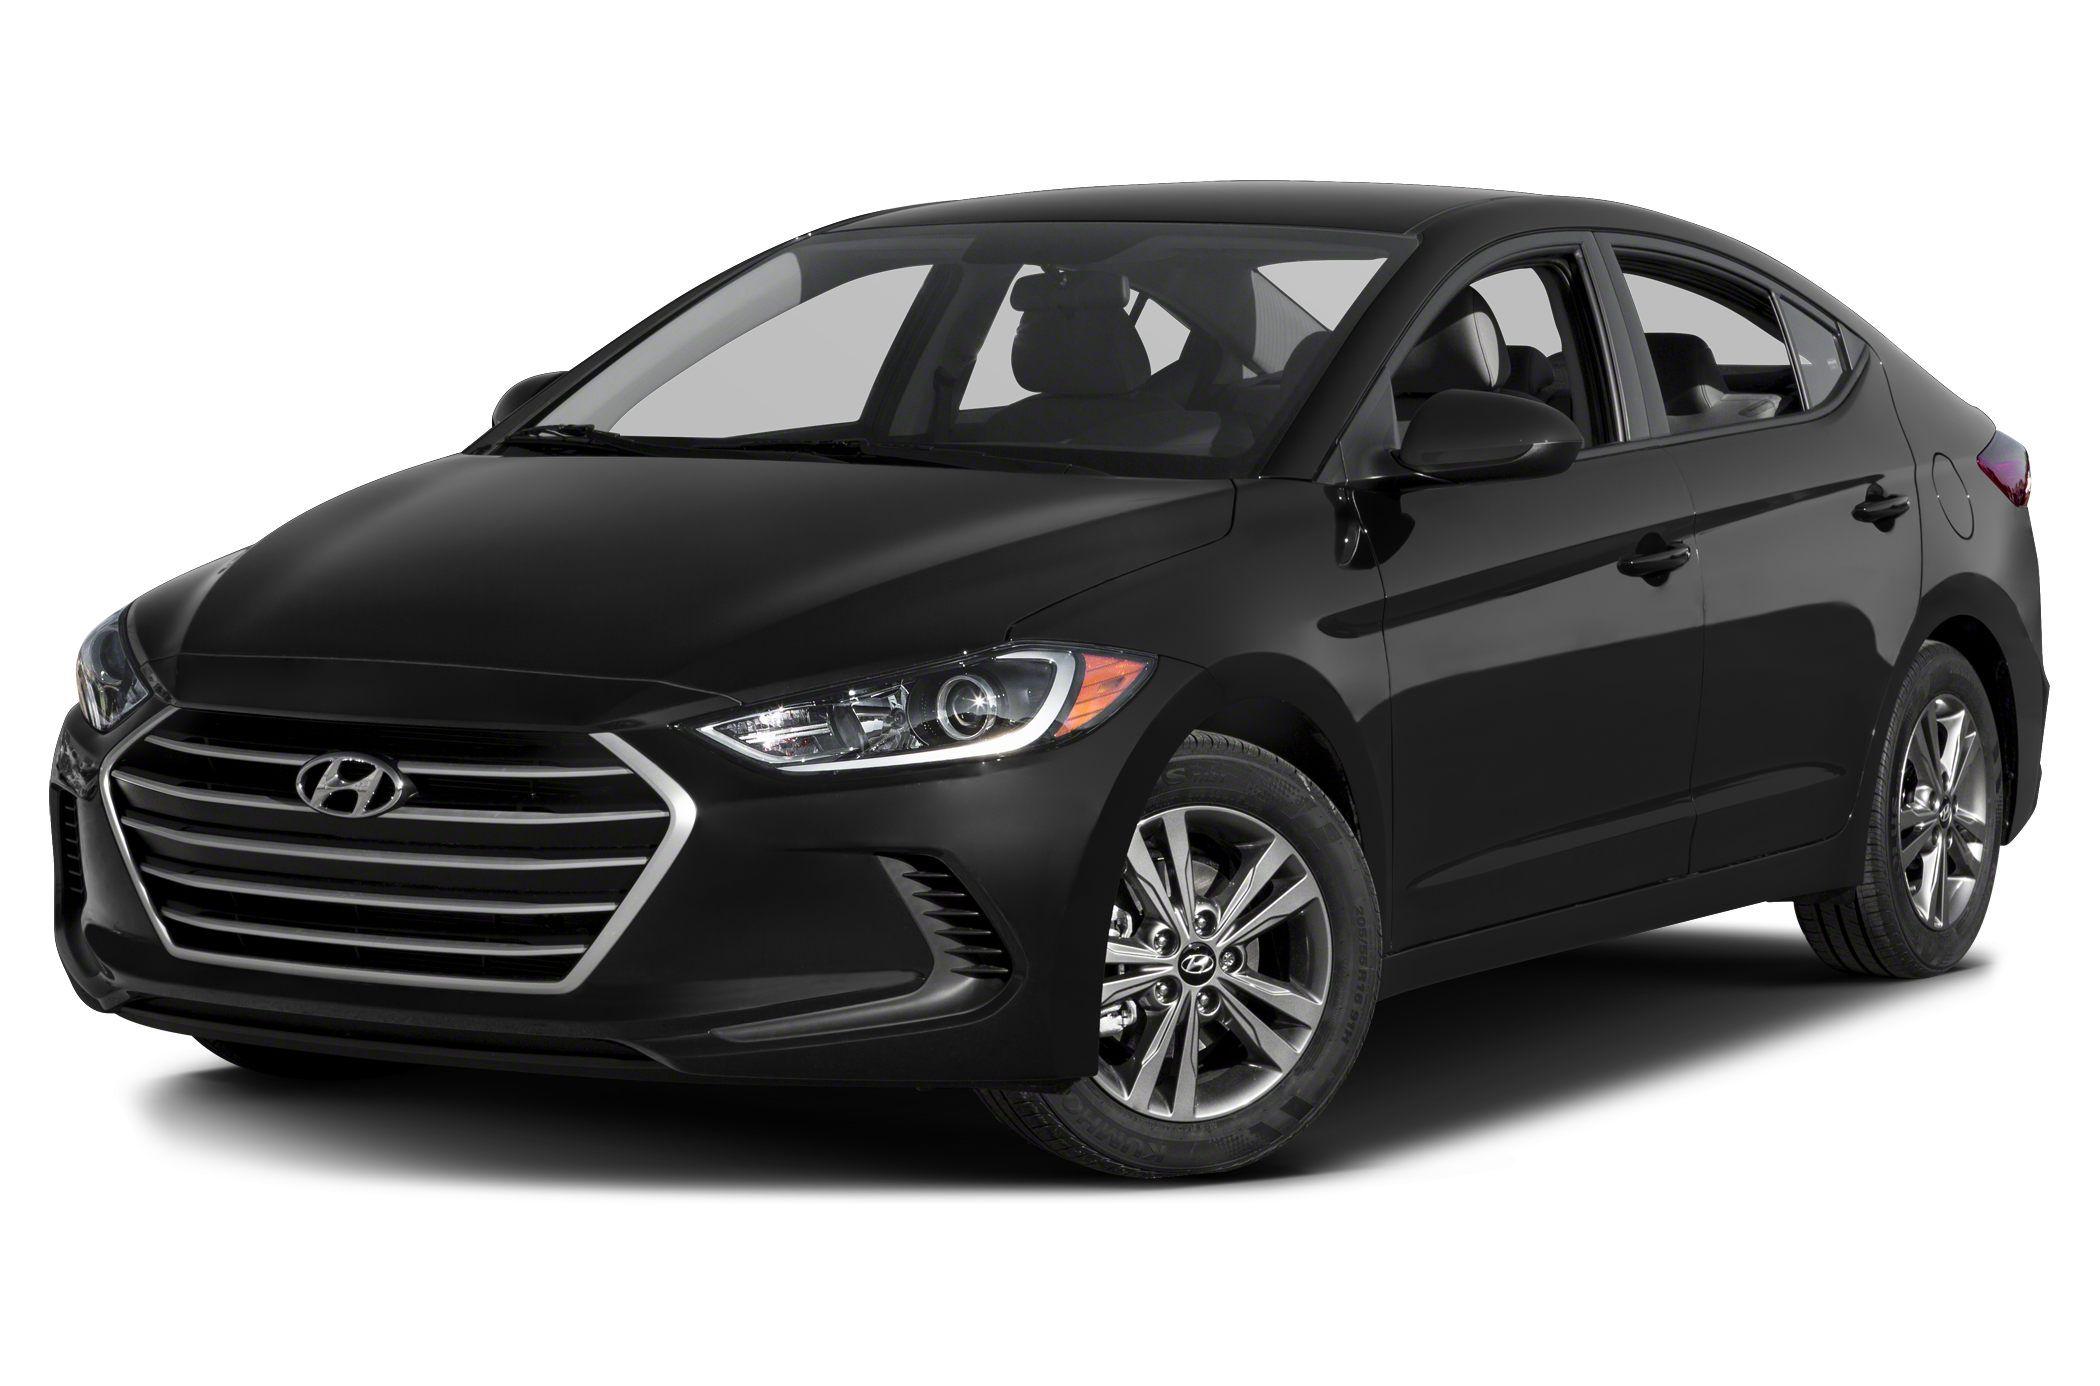 2016 Hyundai Elantra Black Carros